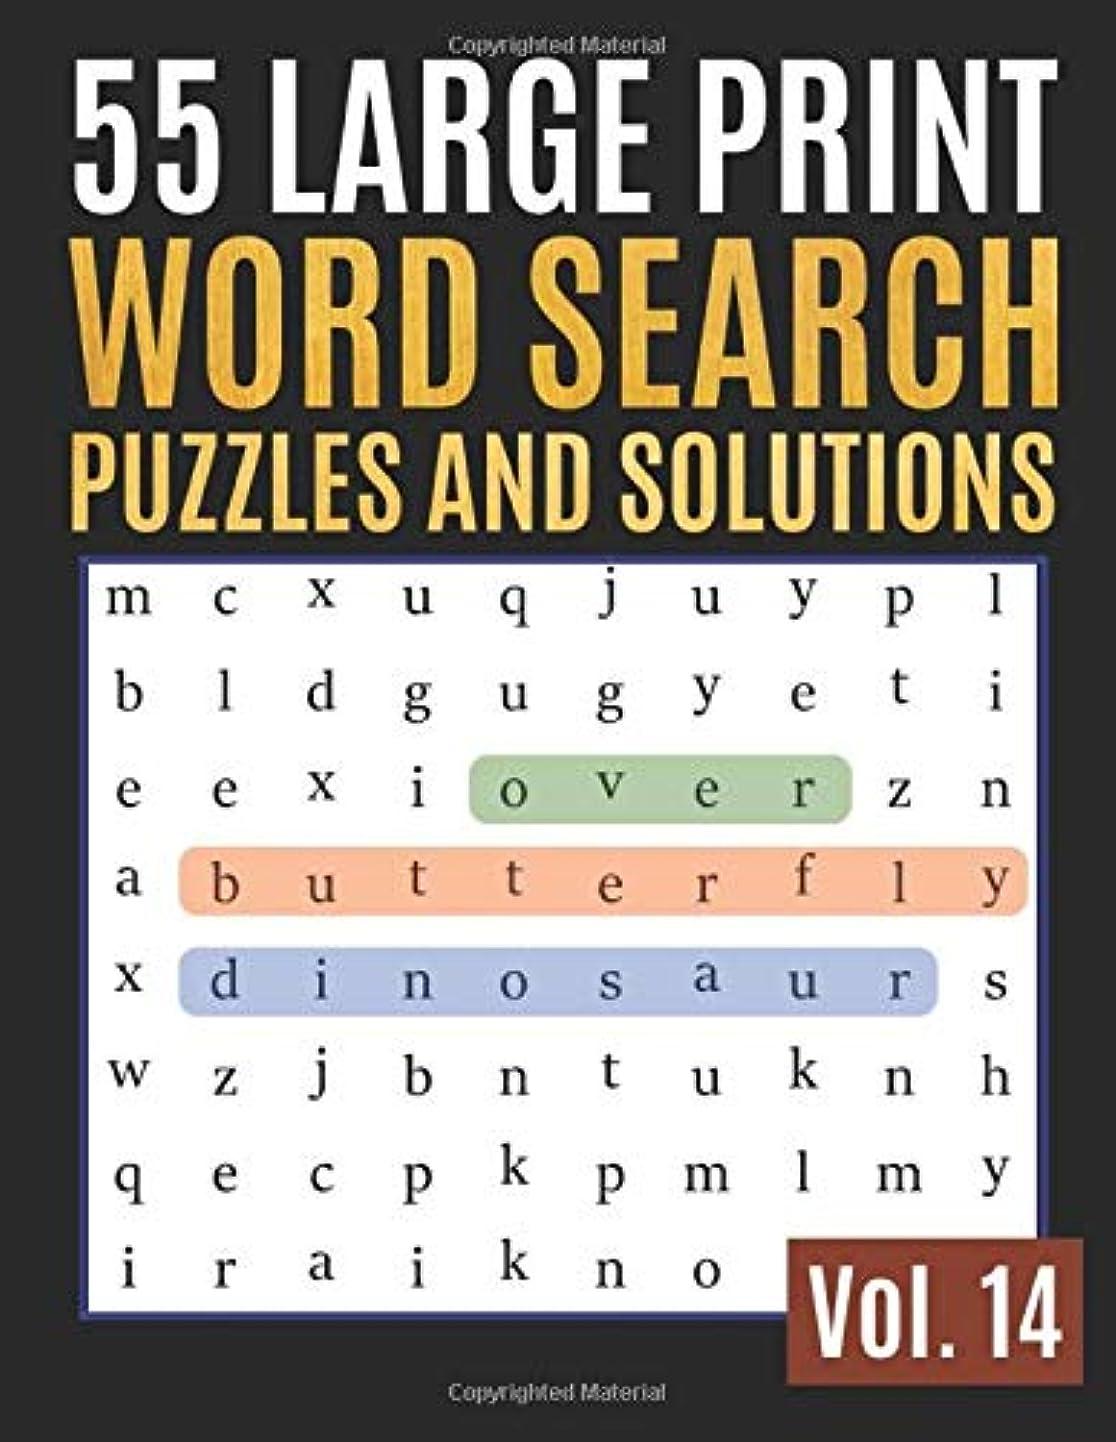 マニア事興奮する55 Large Print Word Search Puzzles And Solutions: Activity Book for Adults and kids Full Page Seek and Circle Word Searches to Challenge Your Brain (Find a Word for Adults & Seniors) (Find Words for Adults & Seniors)